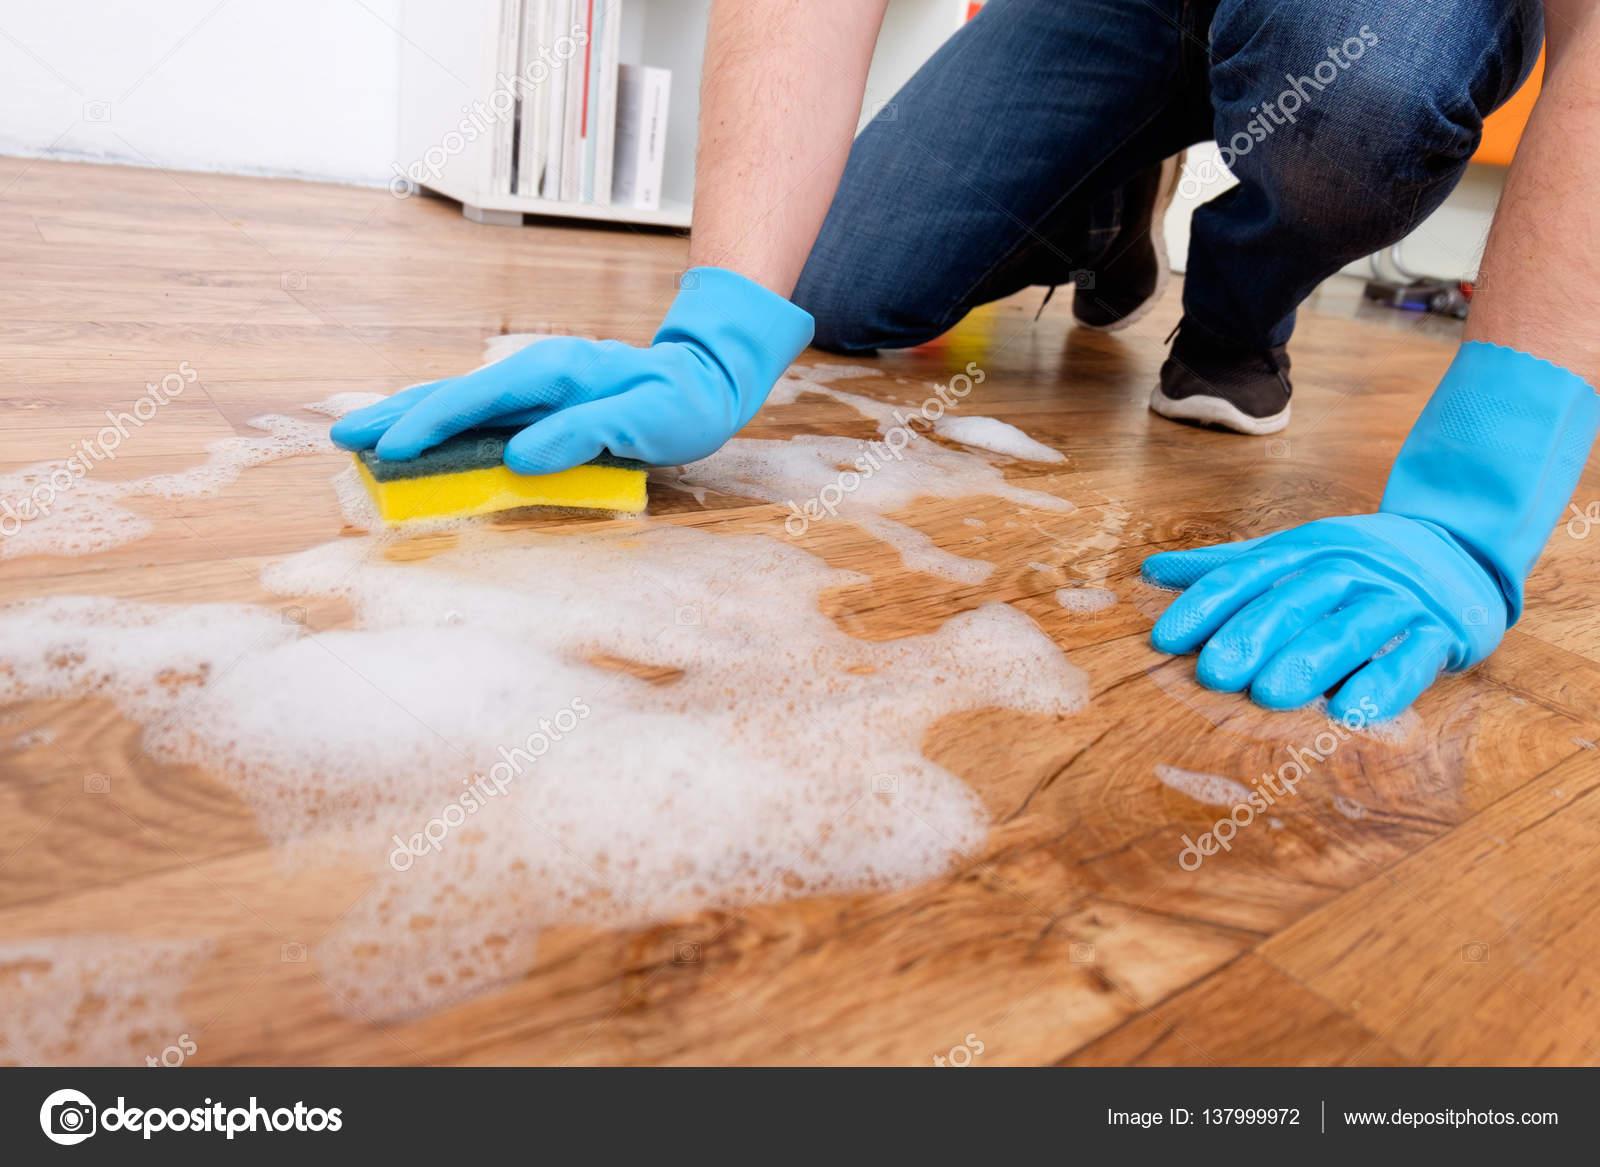 Limpiar parquet cmo limpiar pisos de madera fina with limpiar parquet fabulous productos - Productos para parquet ...